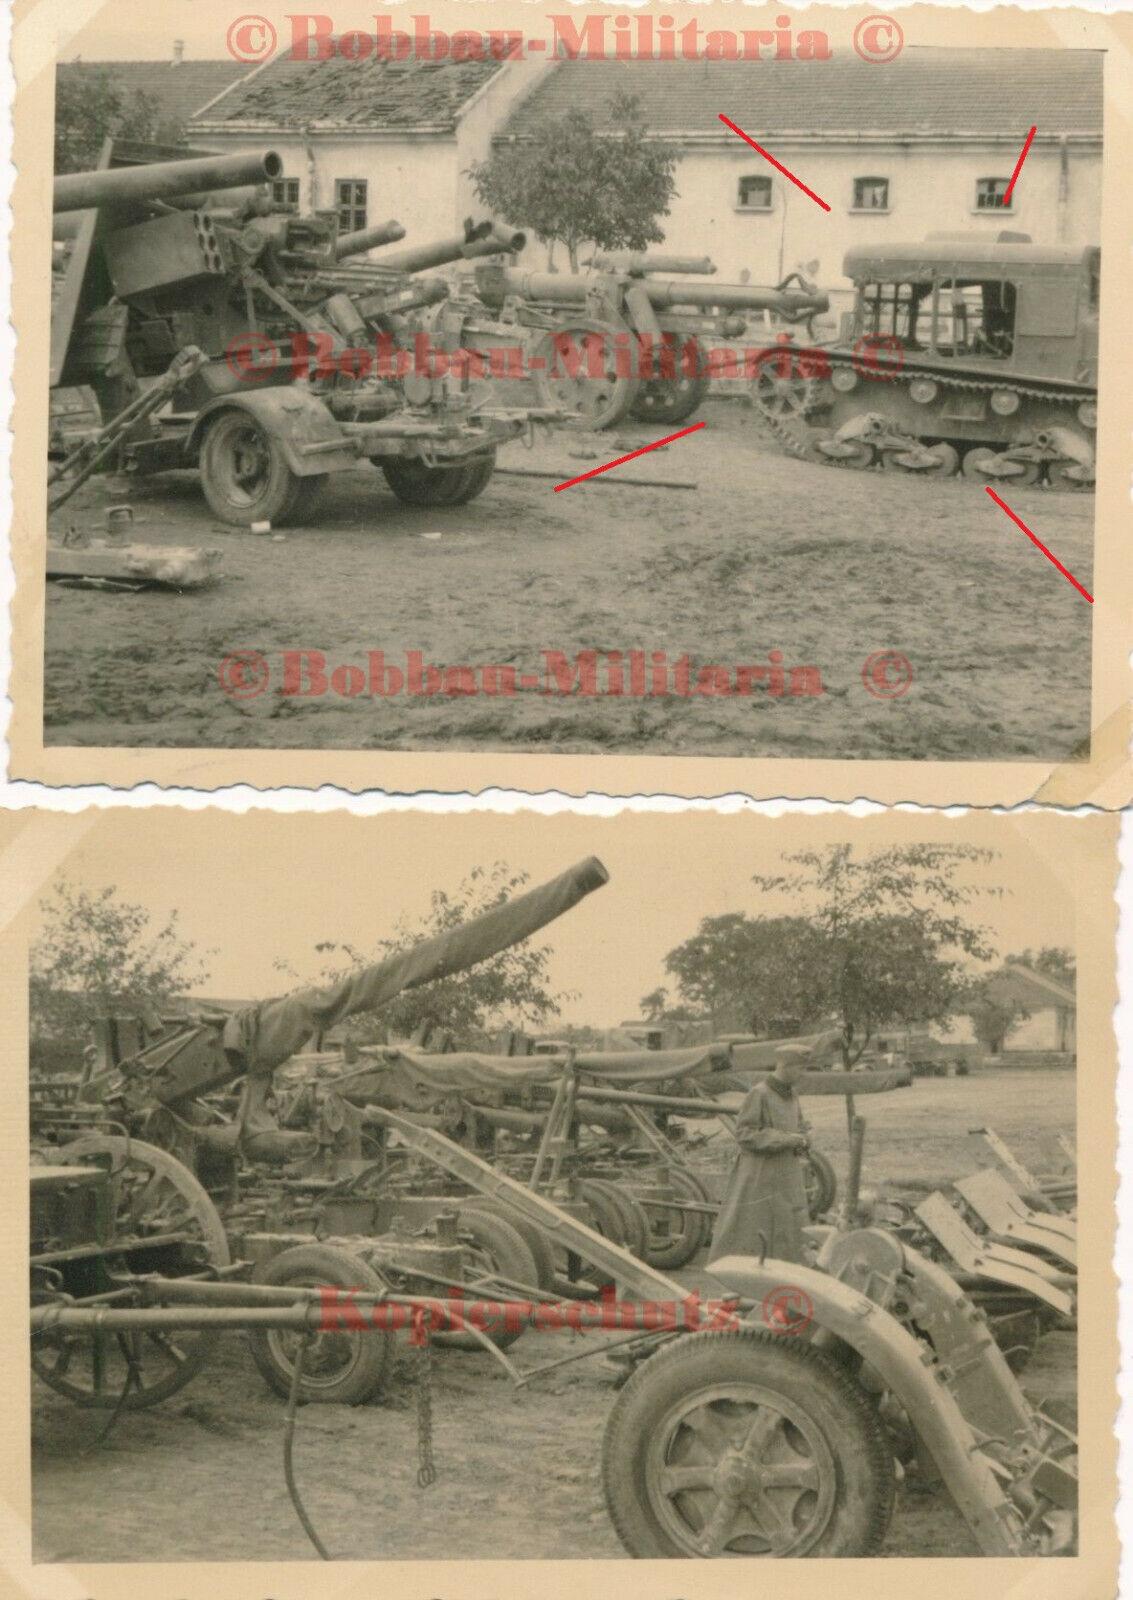 Bild 1 - V248 Polen Jarosław von Wehrmacht erbeutete polnische Zugmaschine C7P Panzer TOP